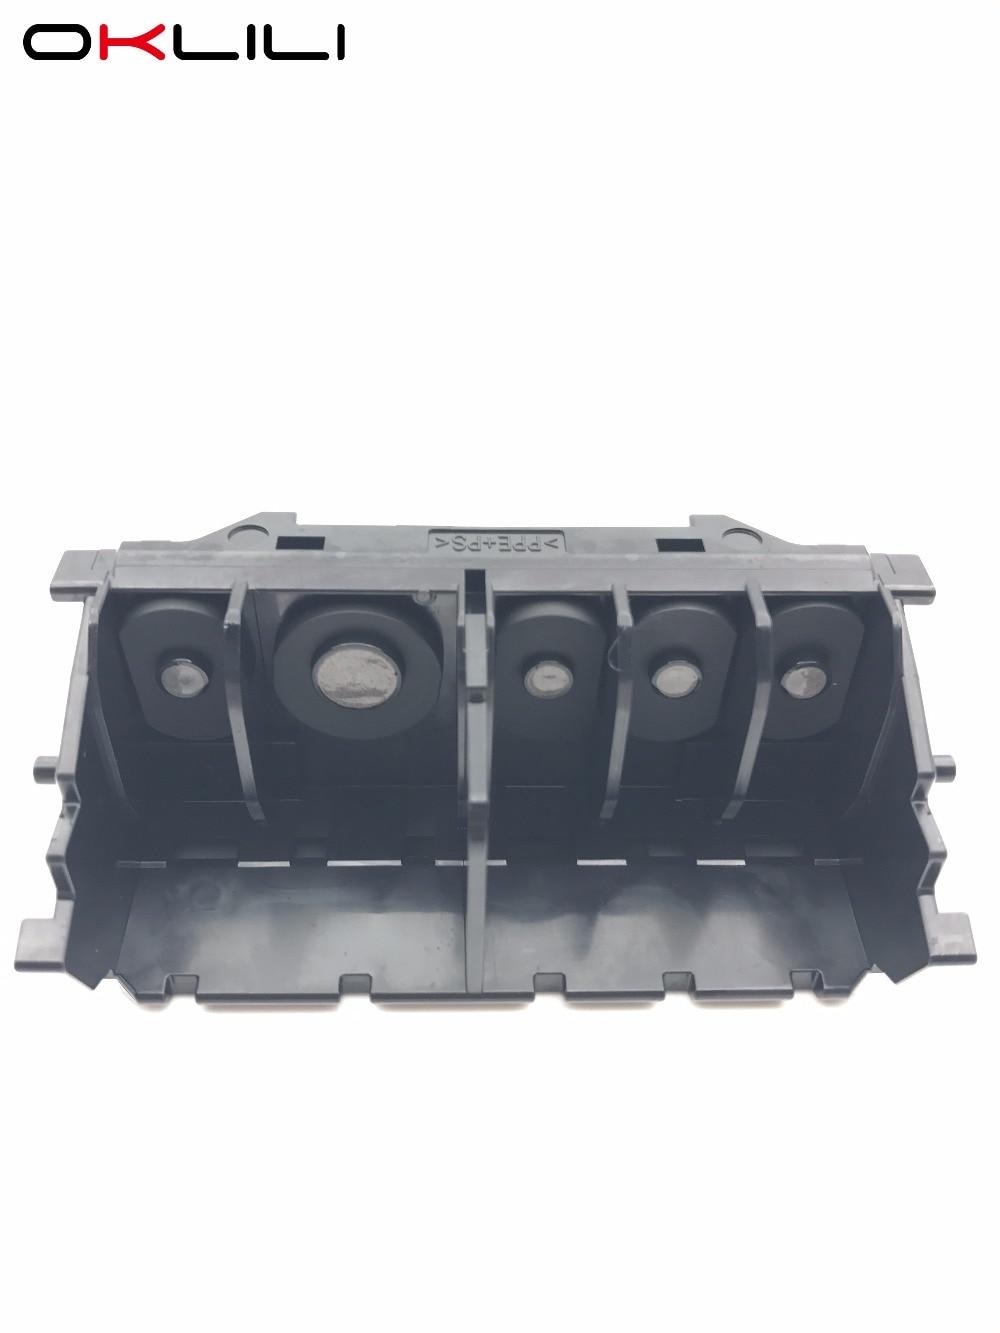 cheapest BIGTREETECH BTT SKR V1 4 SKR V1 4 Turbo 32 Bit Control Board TFT35 E3 V3 0 Touch Screen TMC2209 2208UART Driver Upgrade SKR V1 3